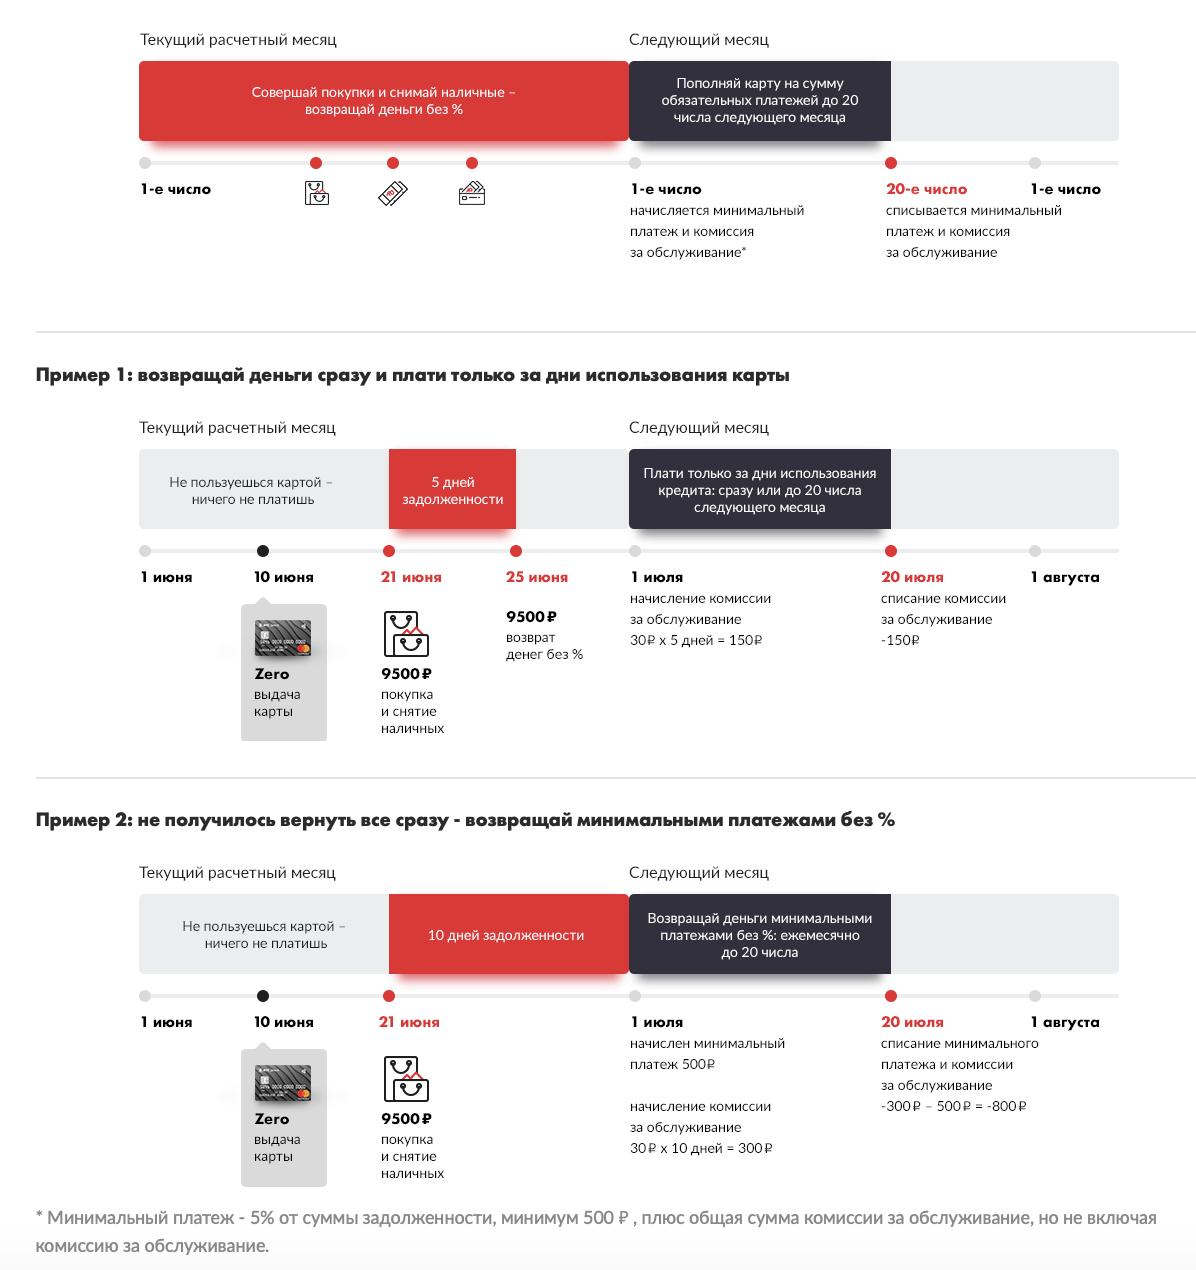 Инструкция пользования кредитным лимитом